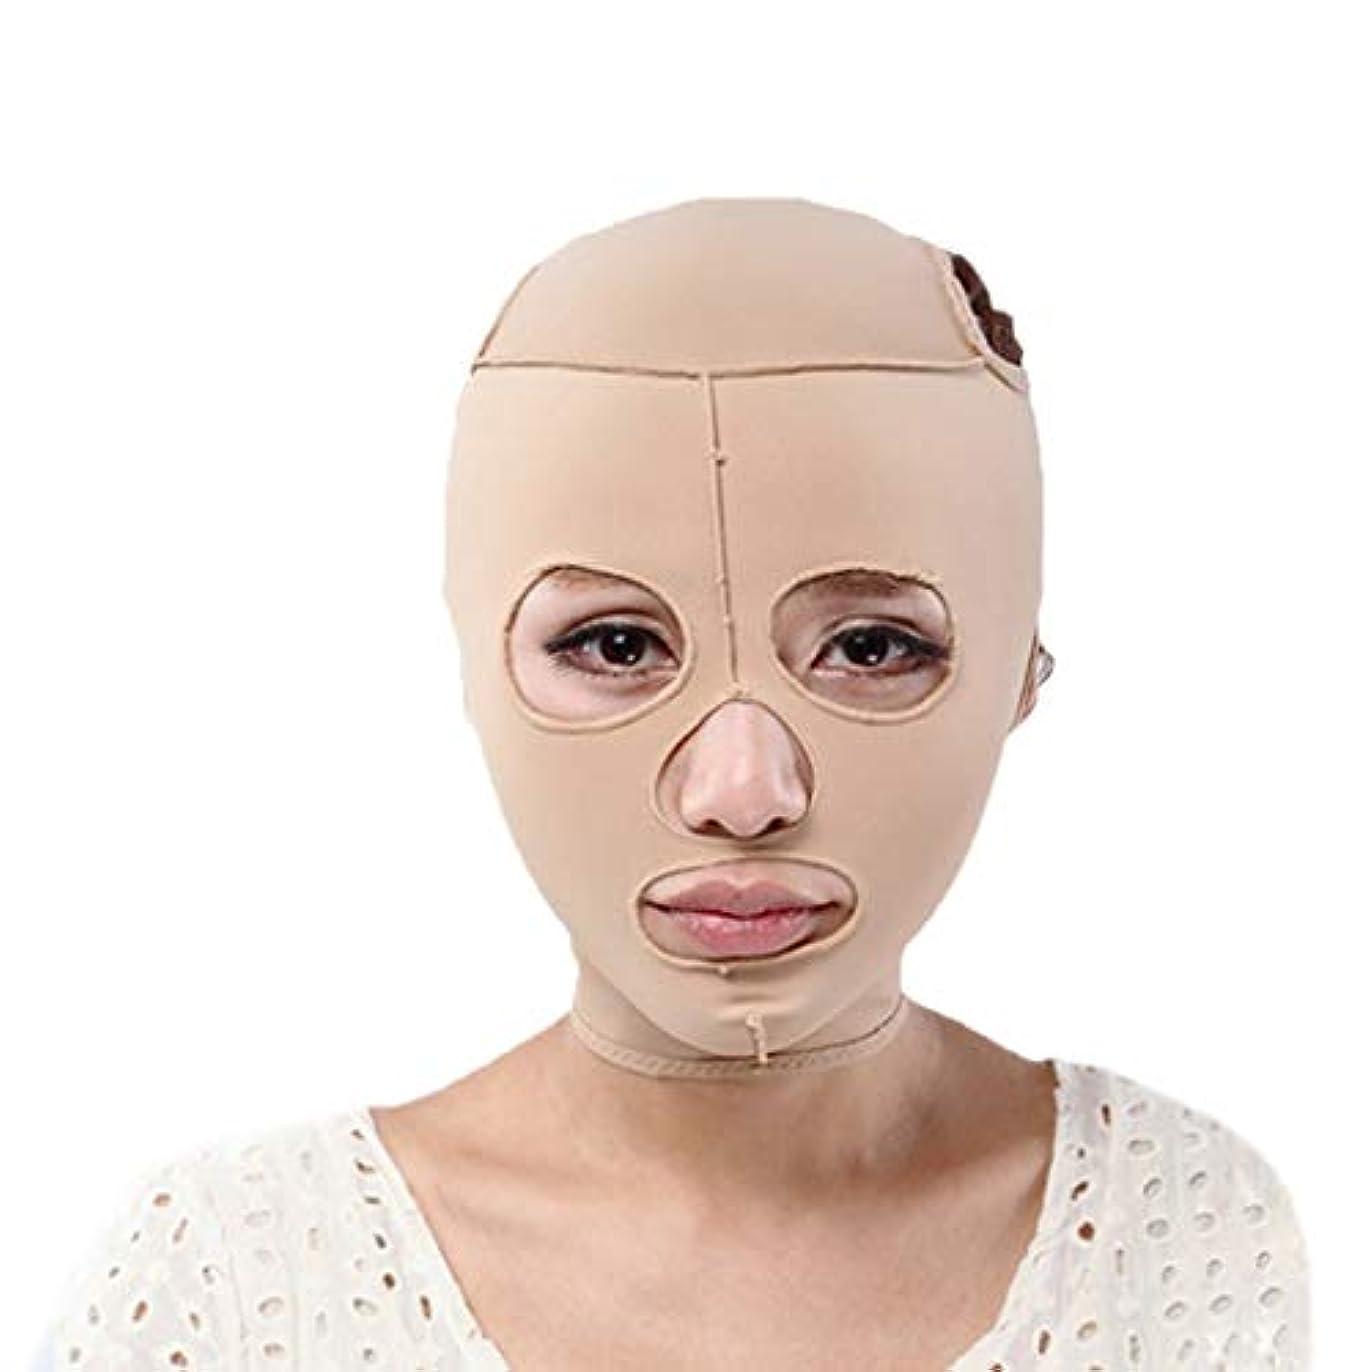 銀行私たちのもの交響曲XHLMRMJ あごのストラップ、顔の減量のしわ防止マスク、快適な通気性マスクを備えたオールインクルーシブの顔、薄いフェイスマスクのリフティング包帯引き締め (Size : S)